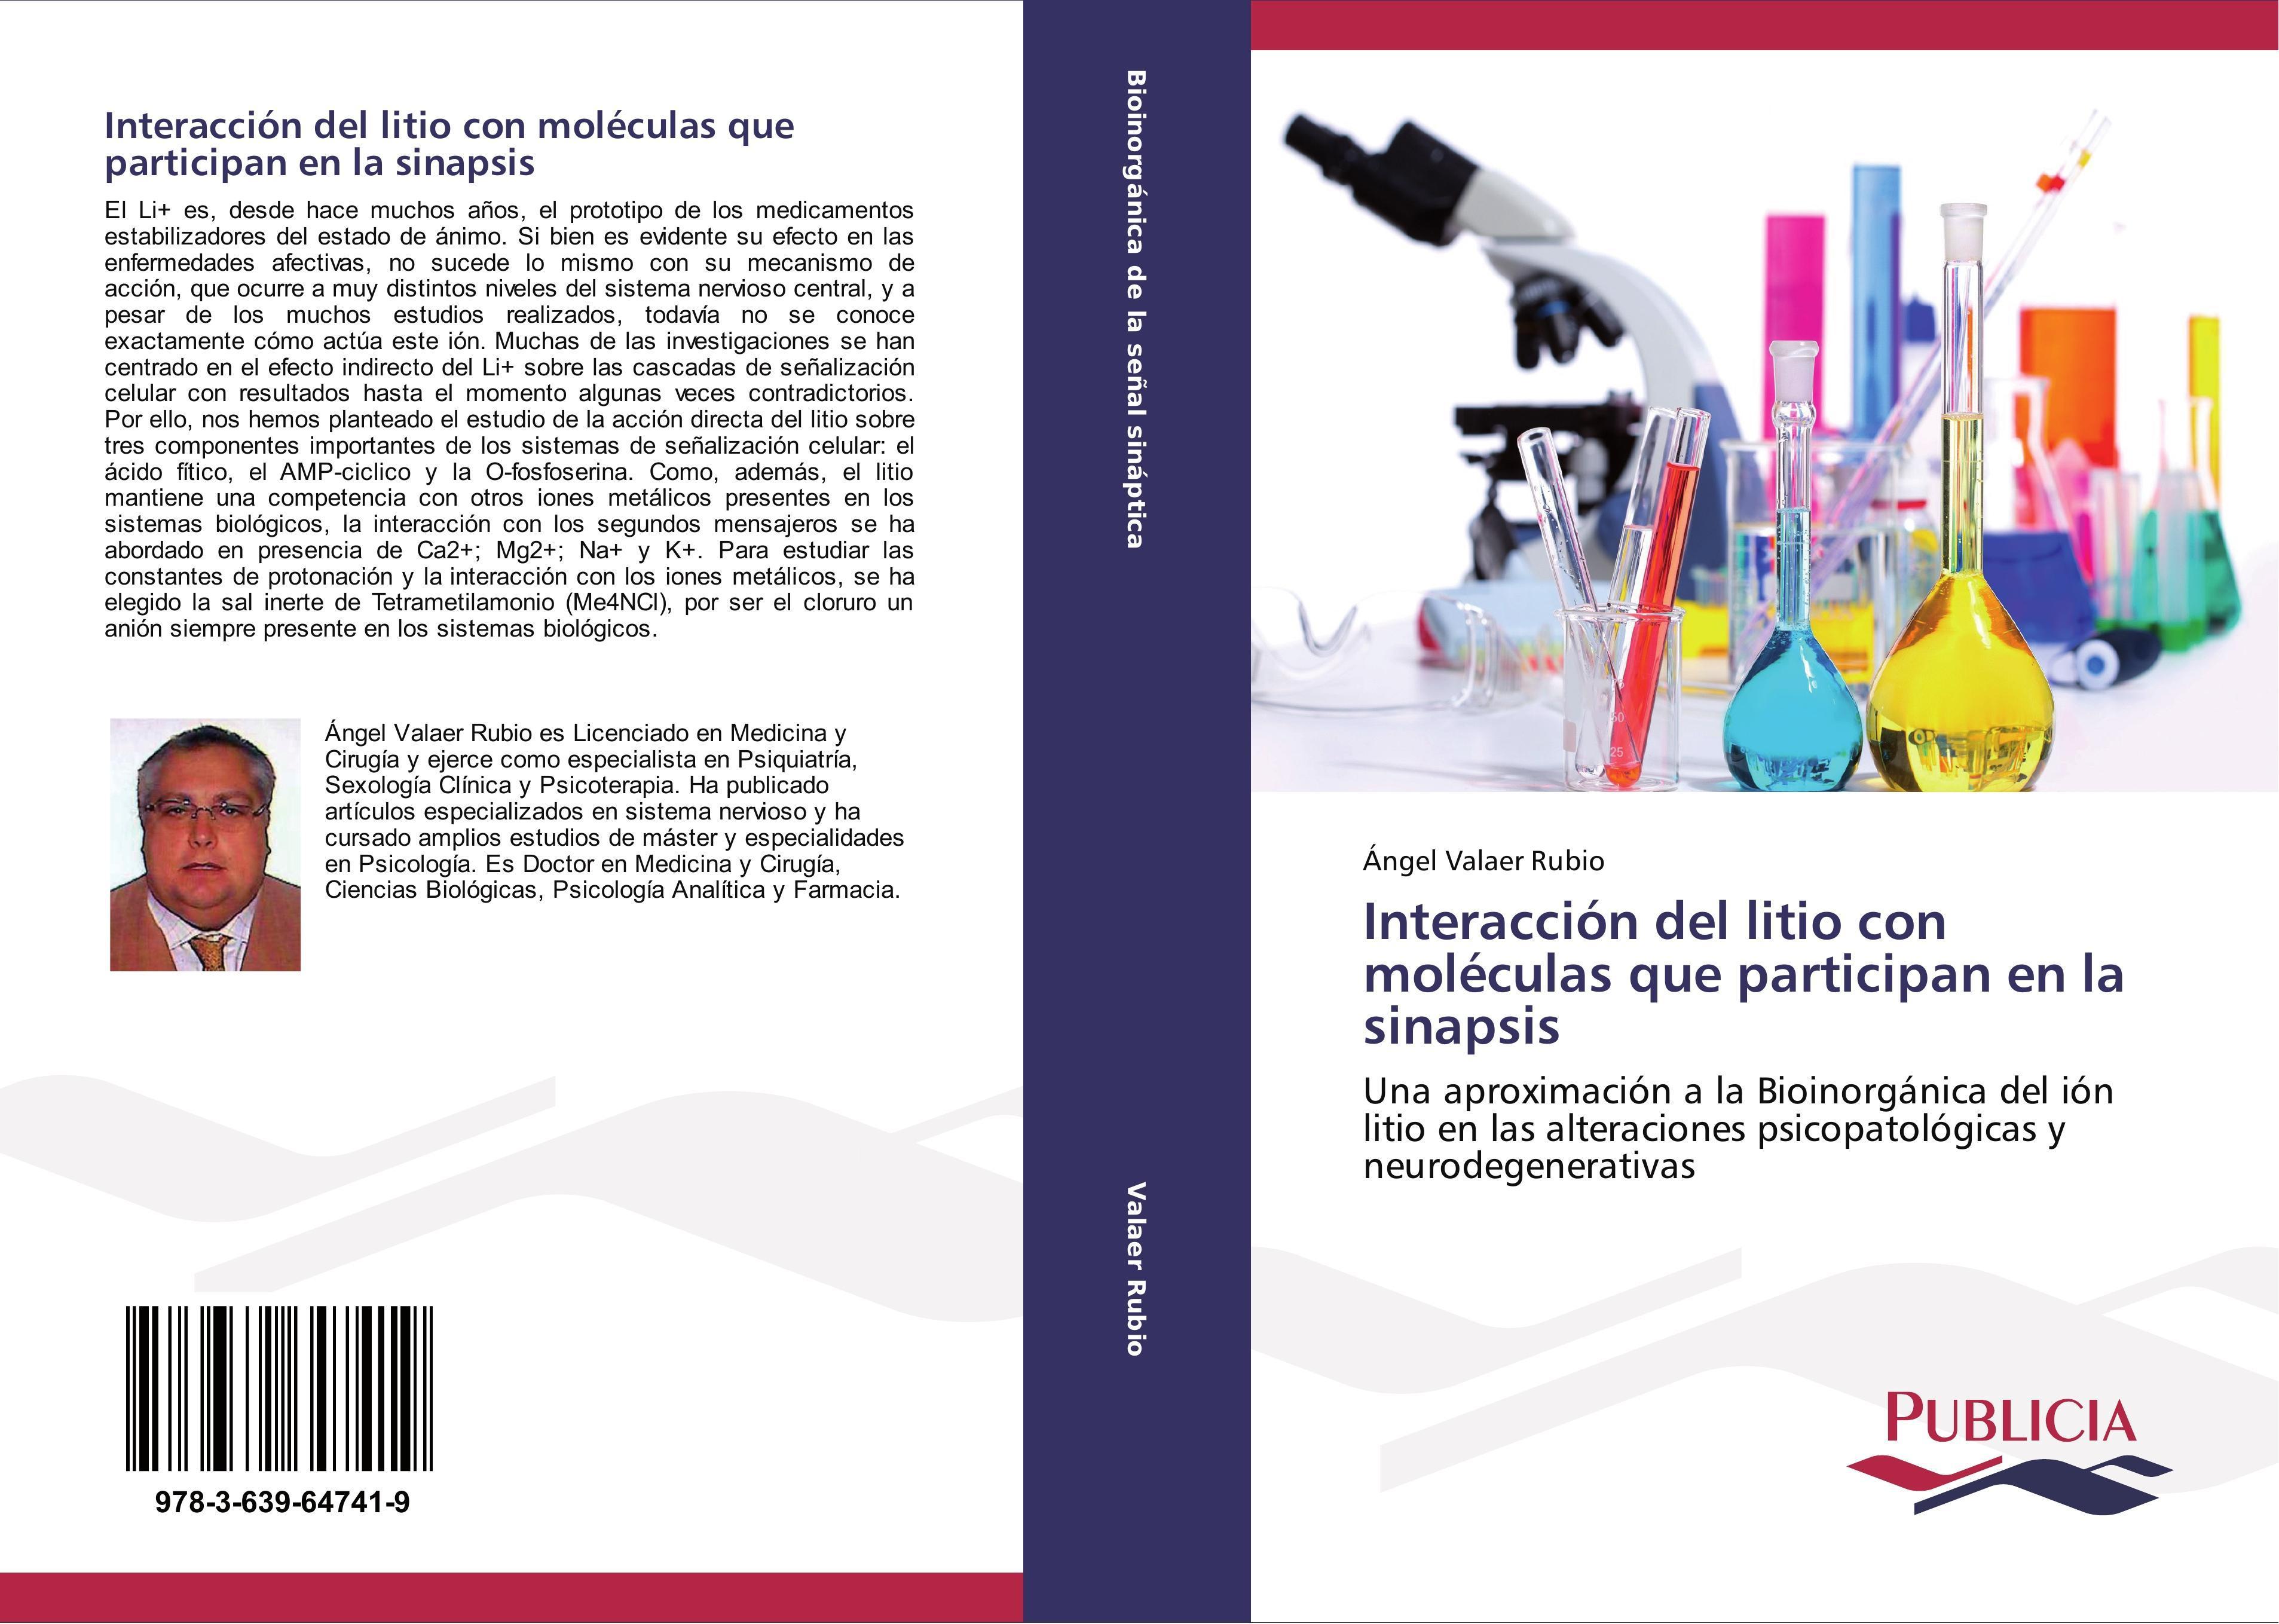 Ángel Valaer Rubio / Interacción del litio con moléculas que ... 9783639647419